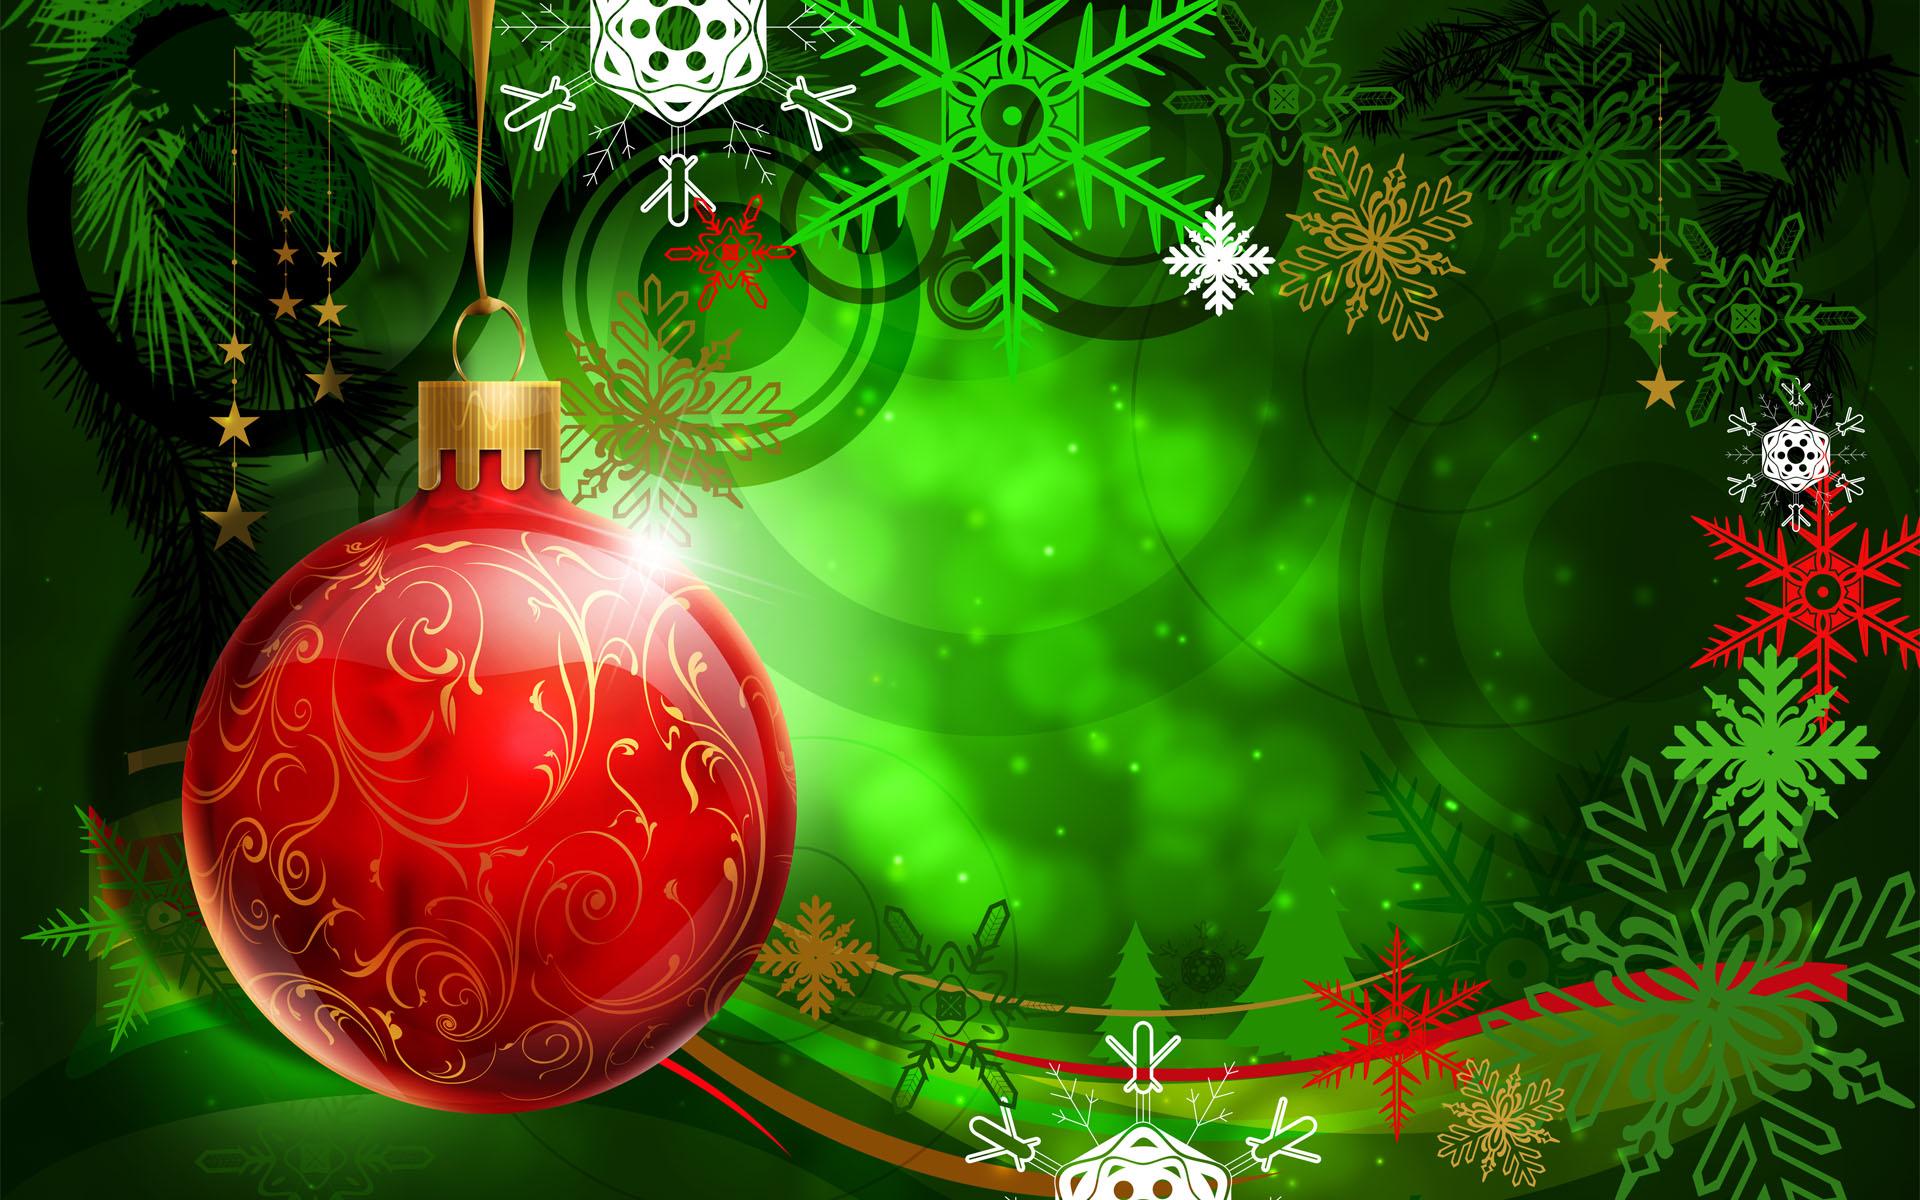 Una esfera roja en arbol de navidad dibujo - 1920x1200